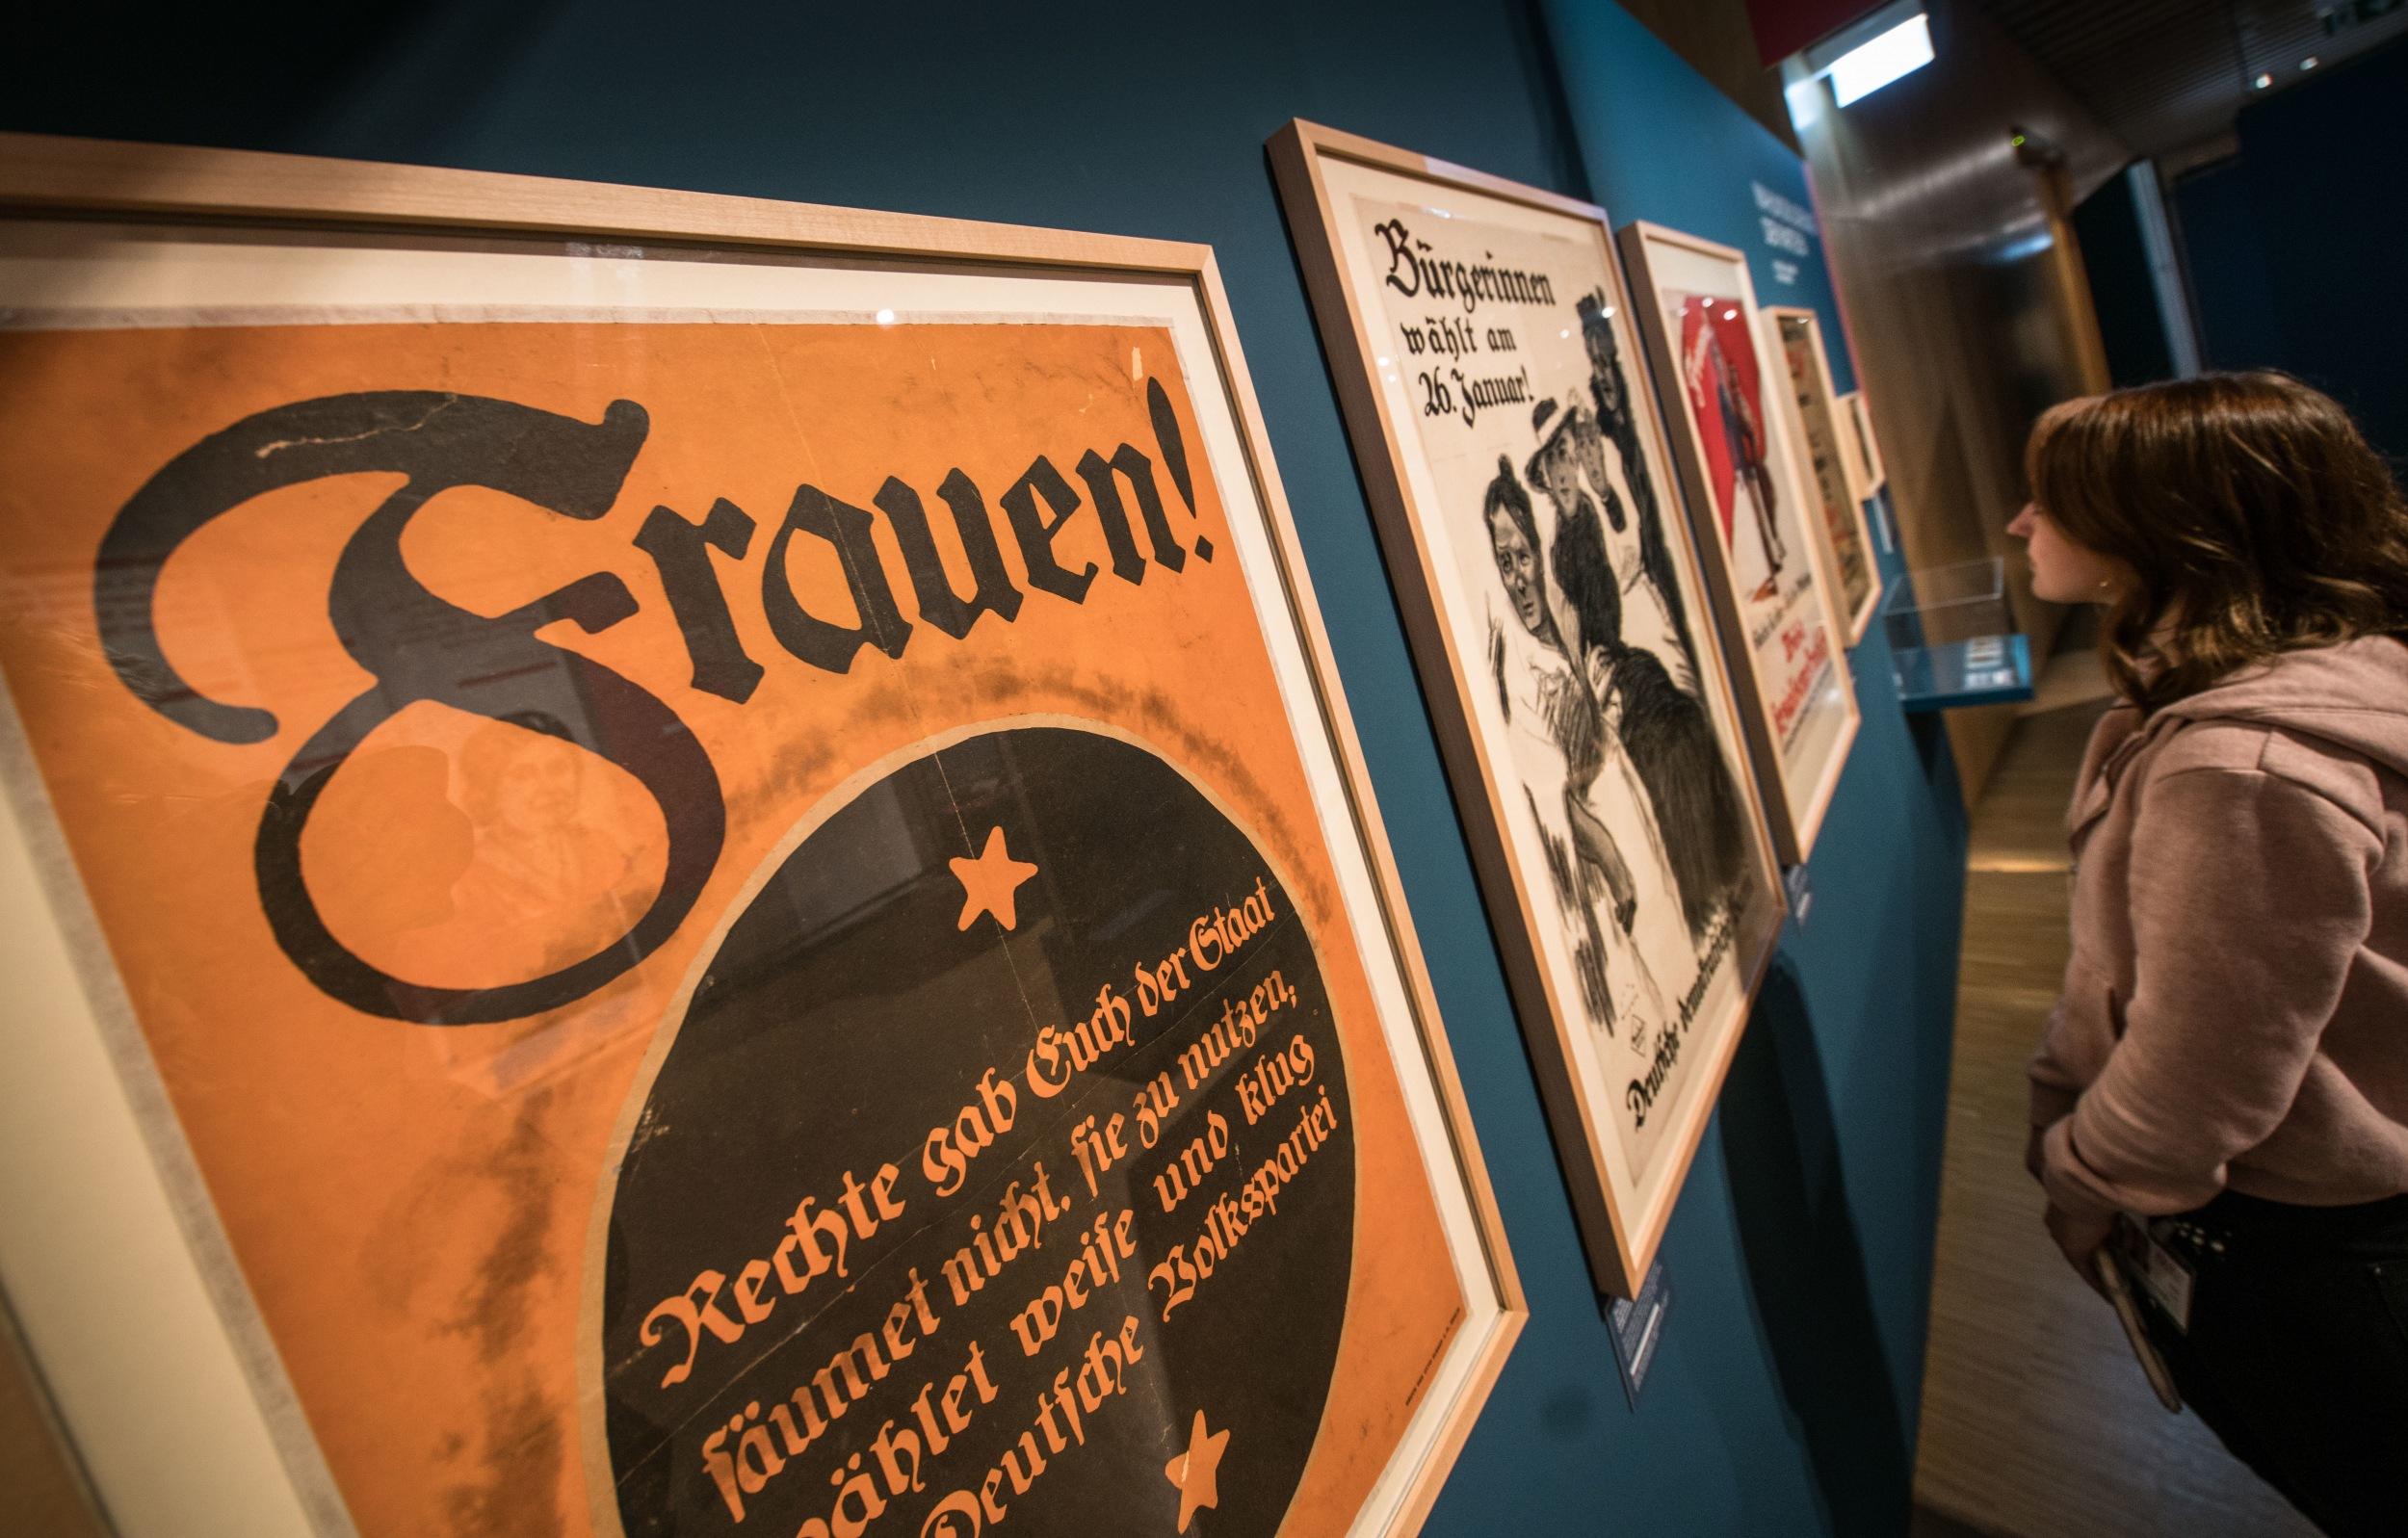 """Vor hundert Jahren, am 19. Januar 1919, konnten Frauen in Deutschland zum ersten Mal wählen gehen. Die Ausstellung """"Damenwahl"""" im Historischen Museum Frankfurt zeigt Plakate als Zeugnisse dieser bewegten Zeiten."""